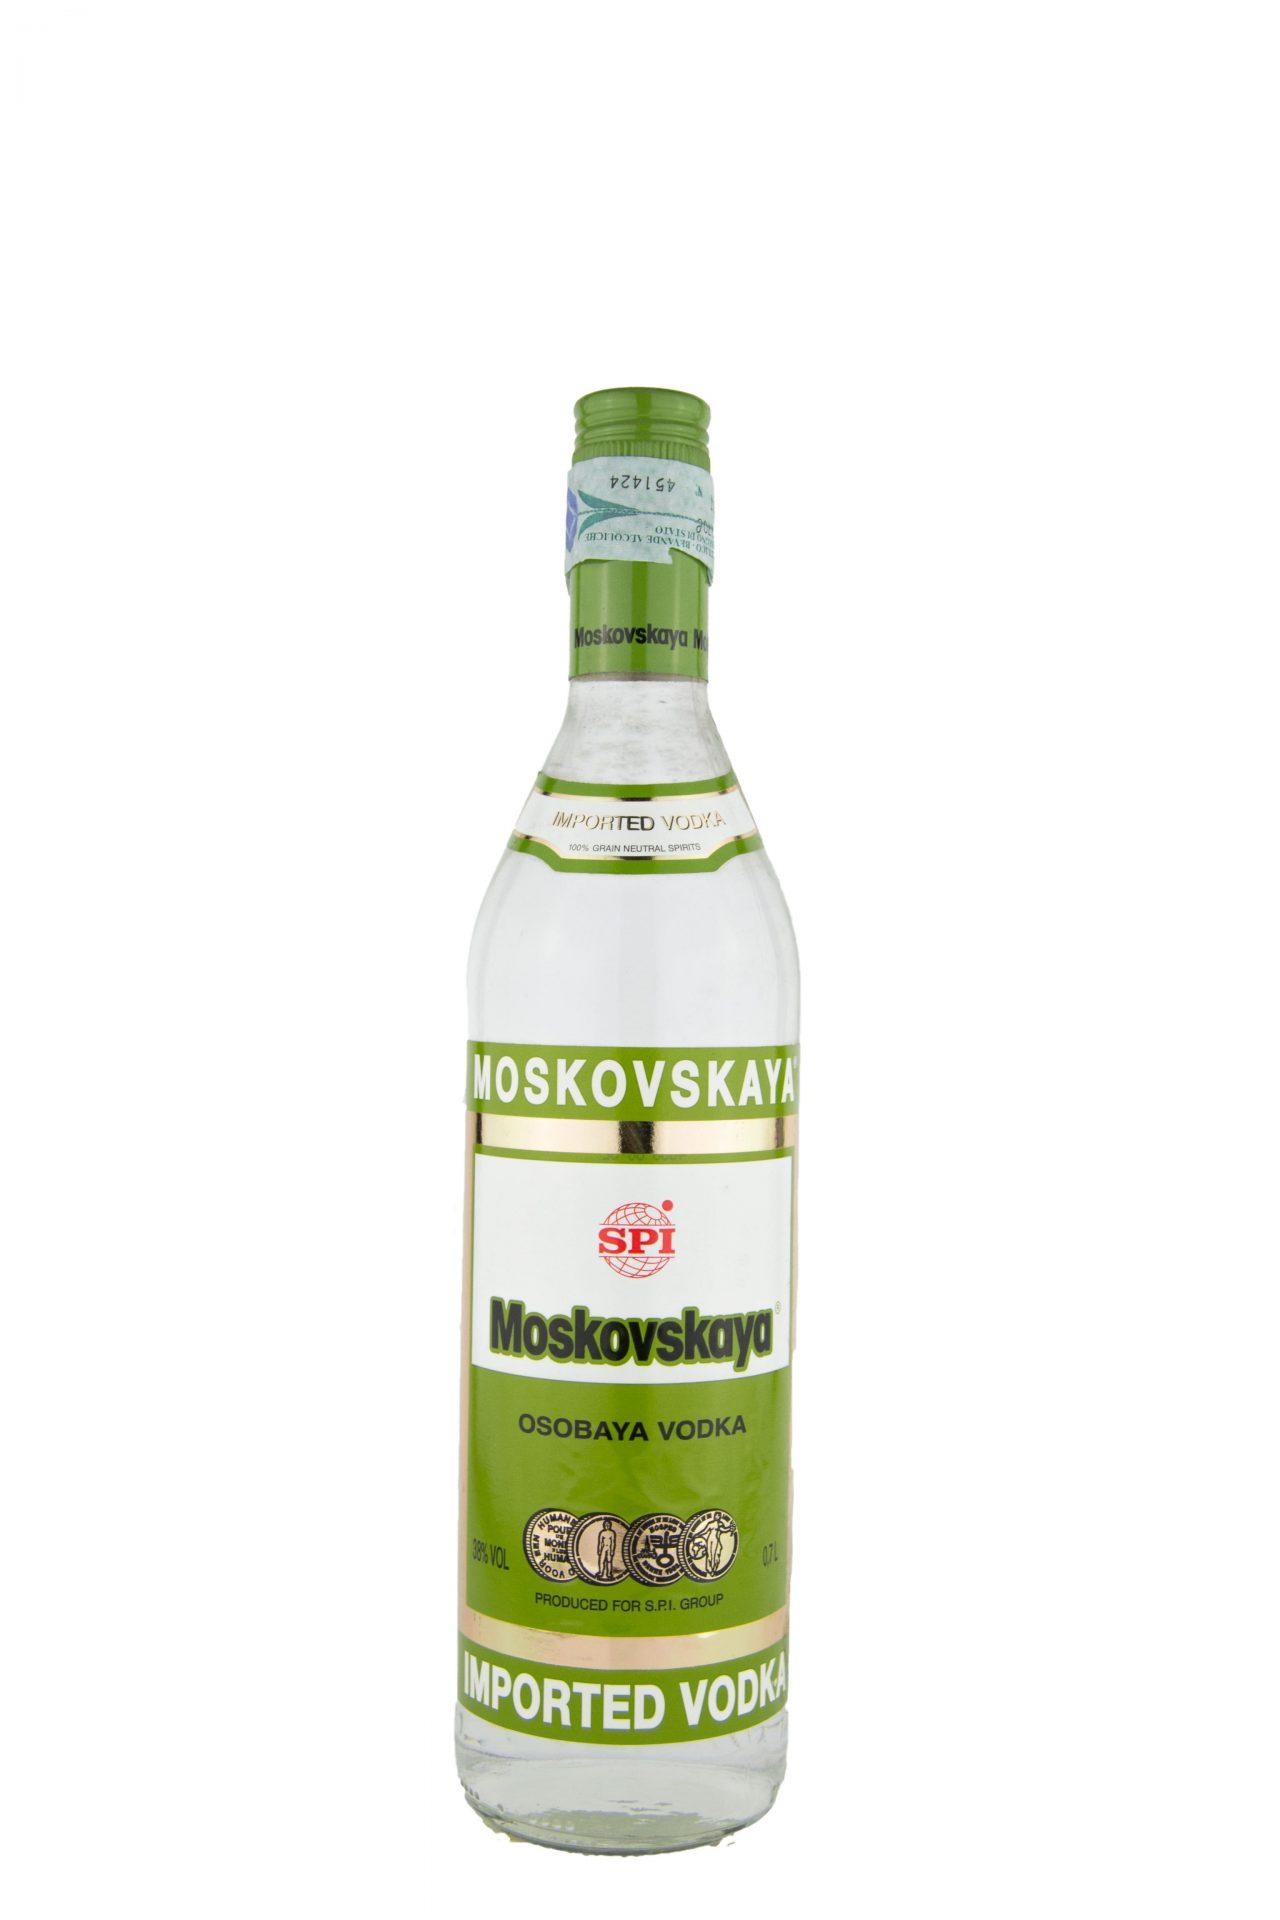 Moskovskaya – Russian Vodka